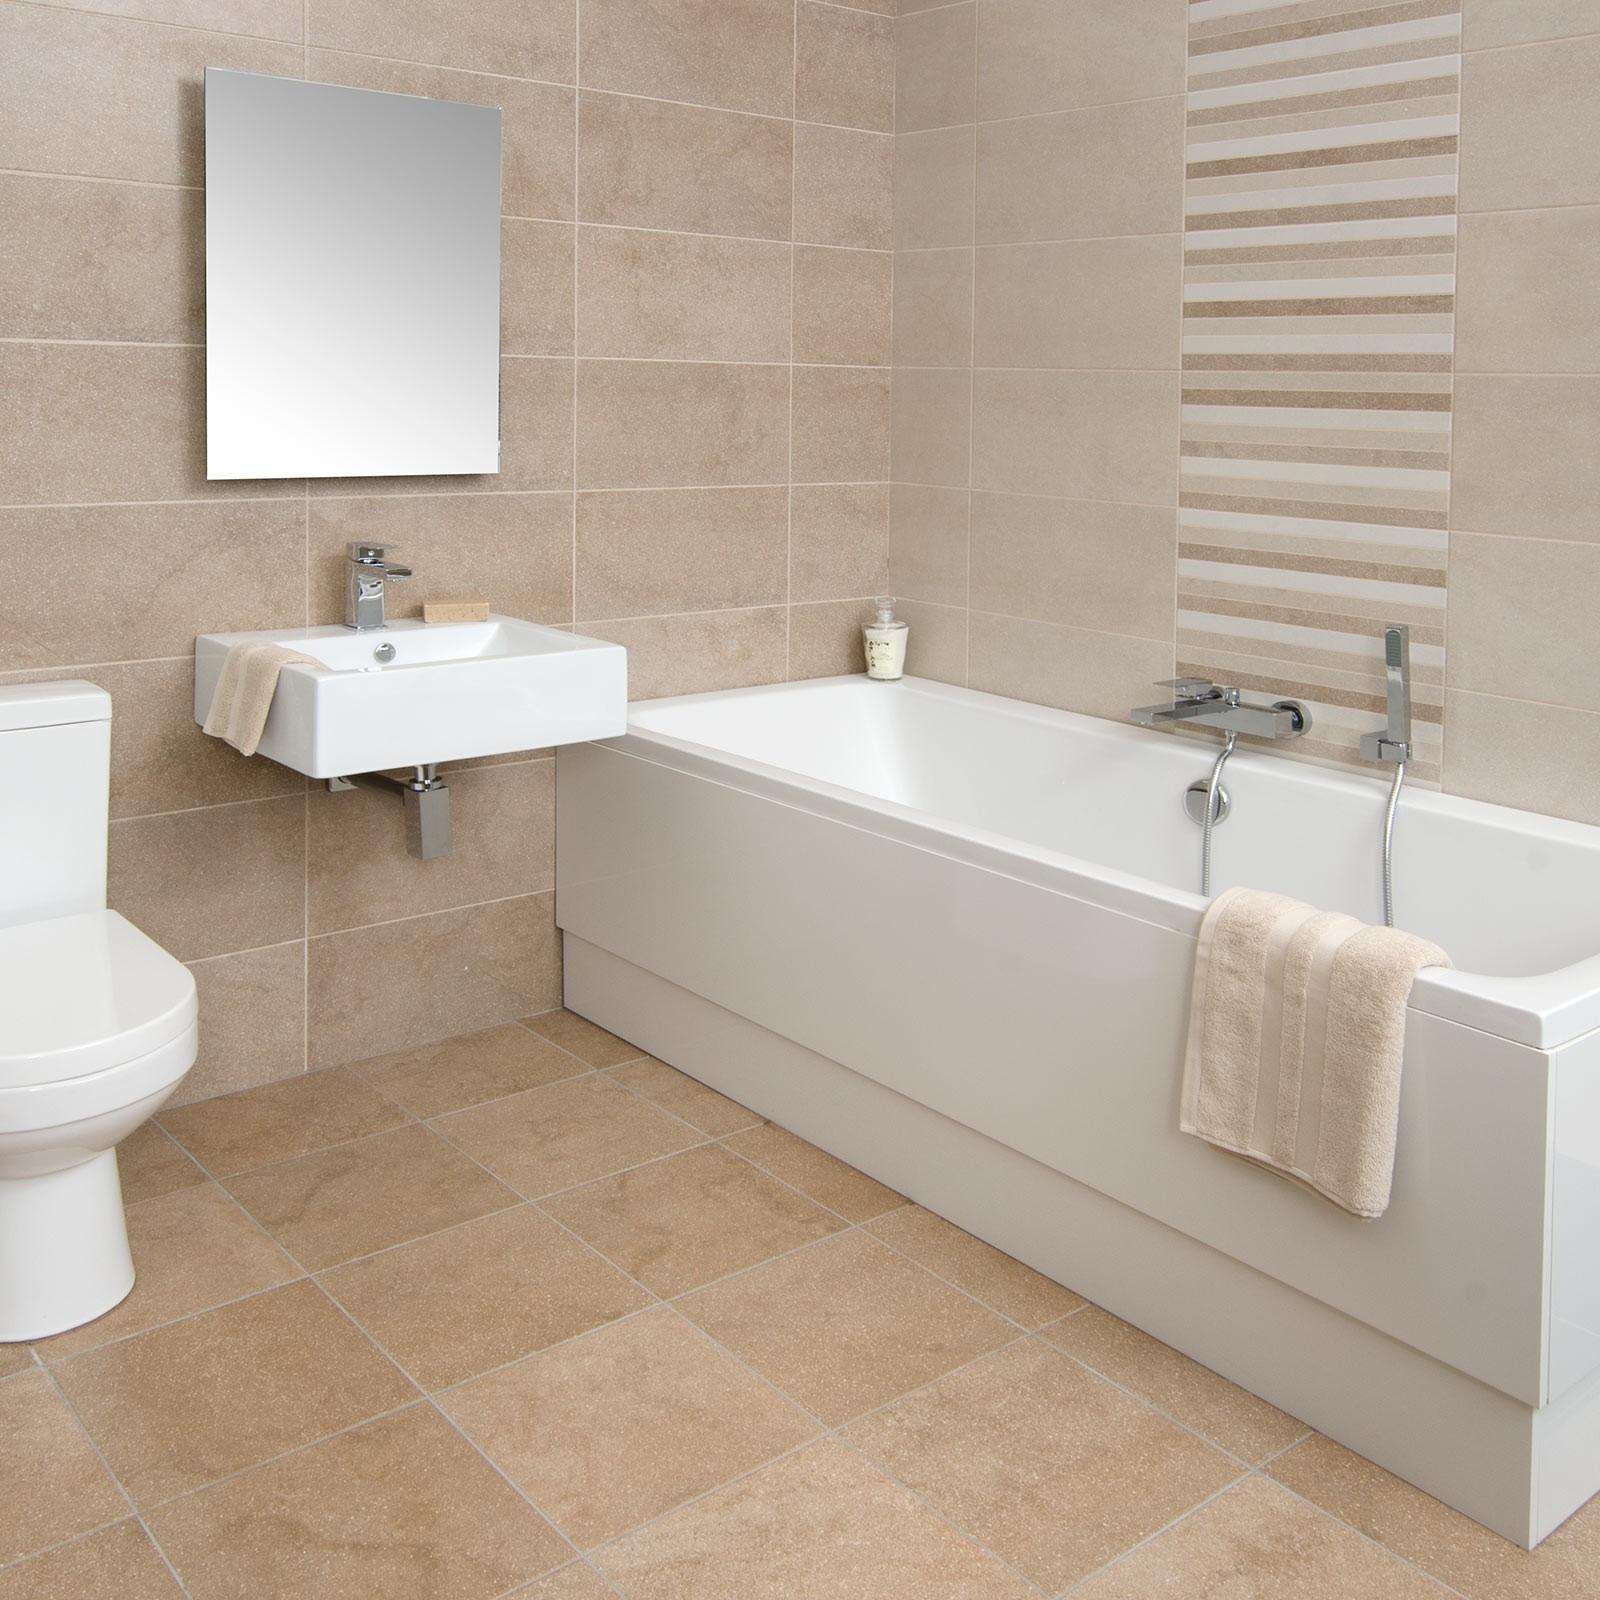 Бежевая керамическая плитка в ванной